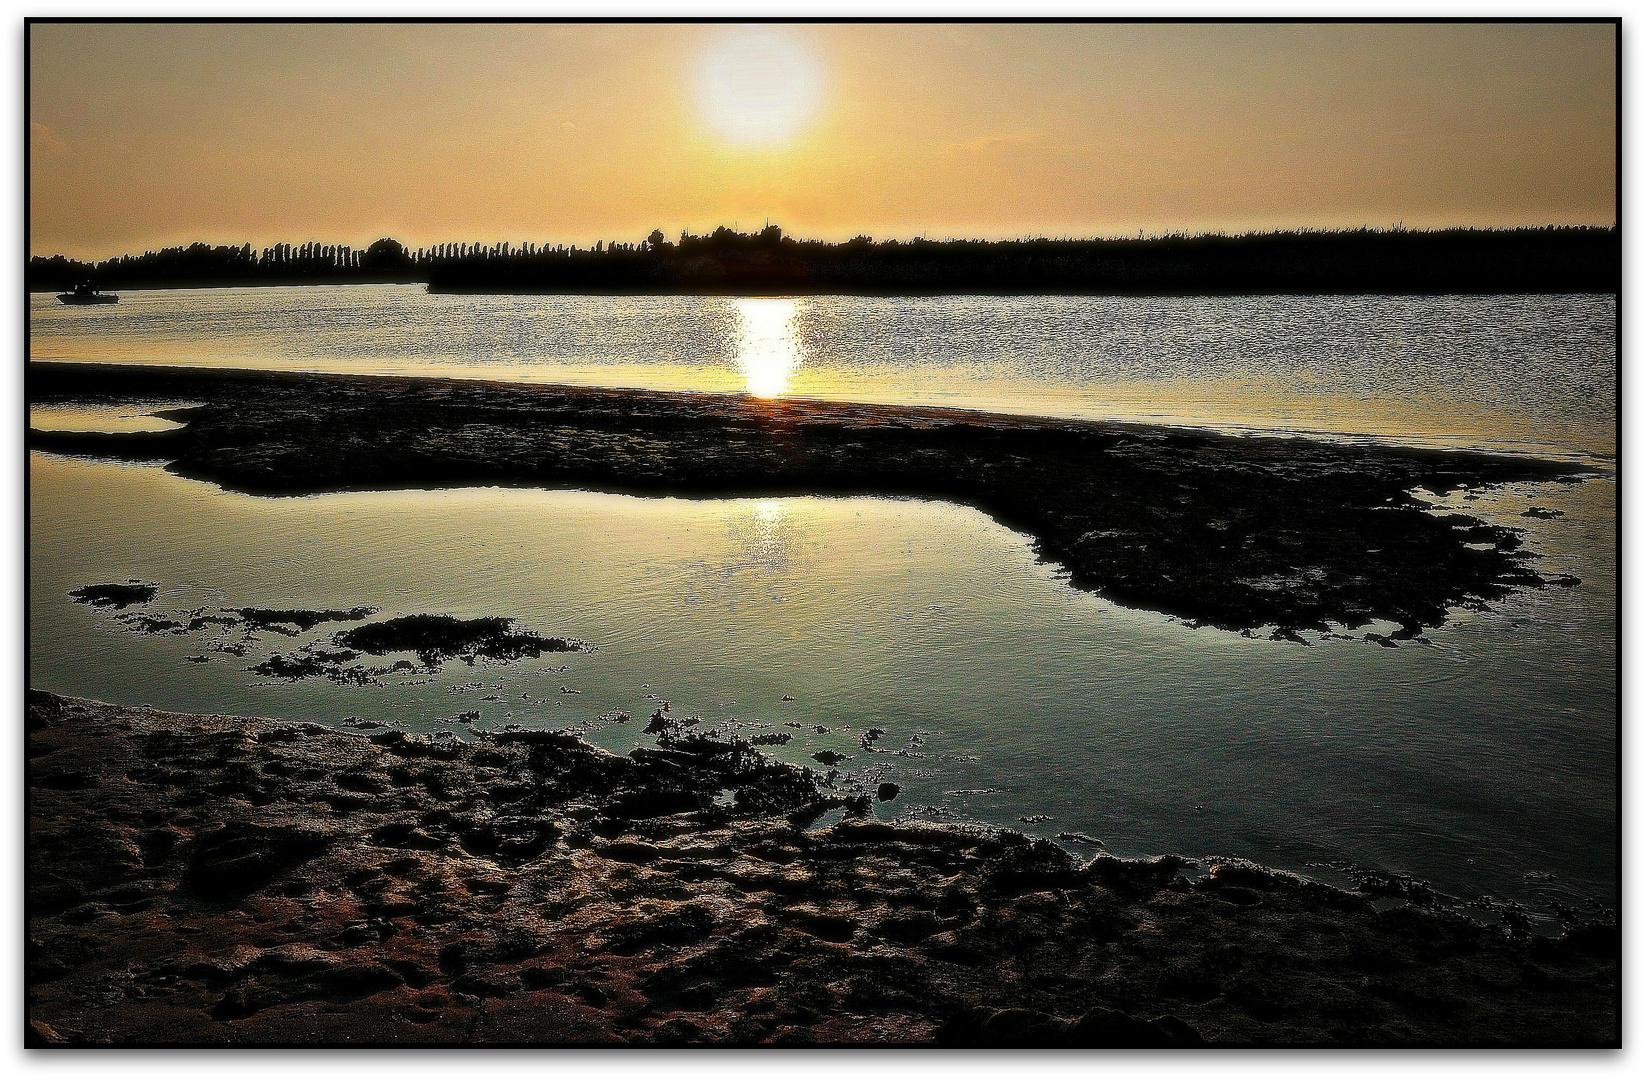 Delta dell'Adige - Sunset